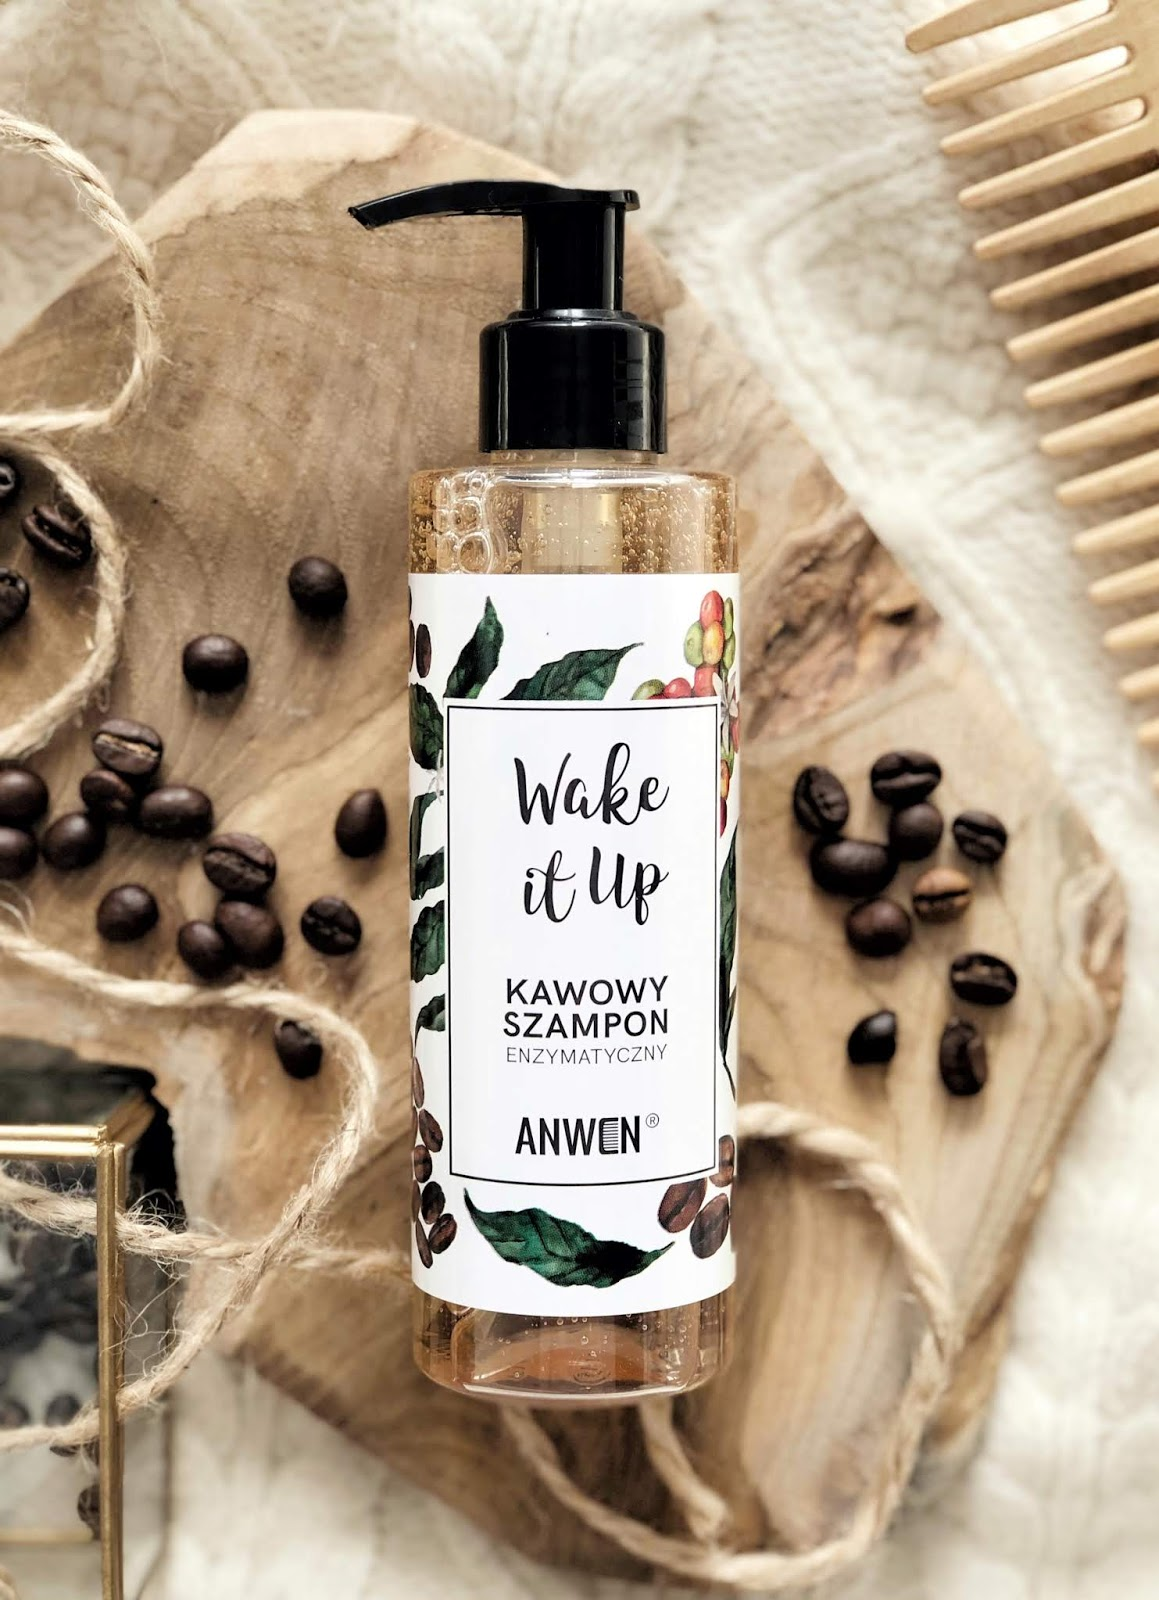 Wake-It-Up-enzymatyczny-szampon-kawowy-Anwen-opinia